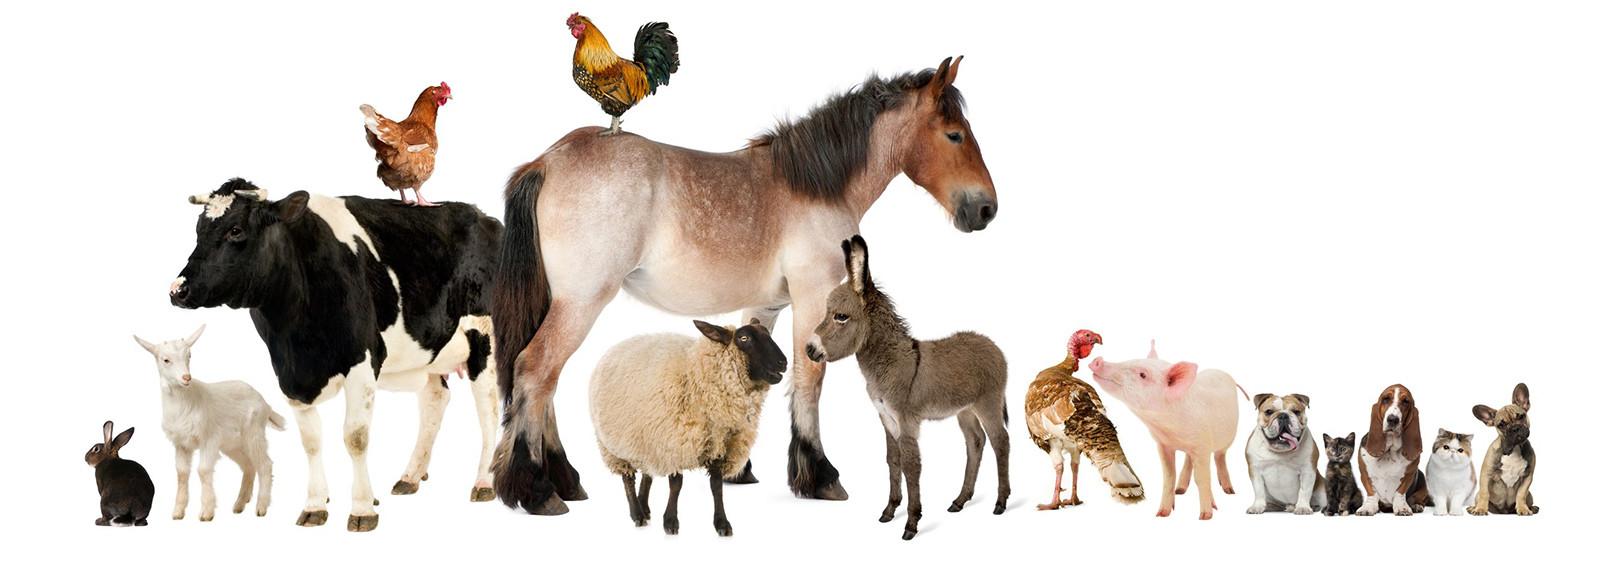 Animal'sgard garde tous les animaux à domicile, animaux de la ferme, basse cours, chevaux, animaux domestiques, nouveaux animaux de compagnie, NACS